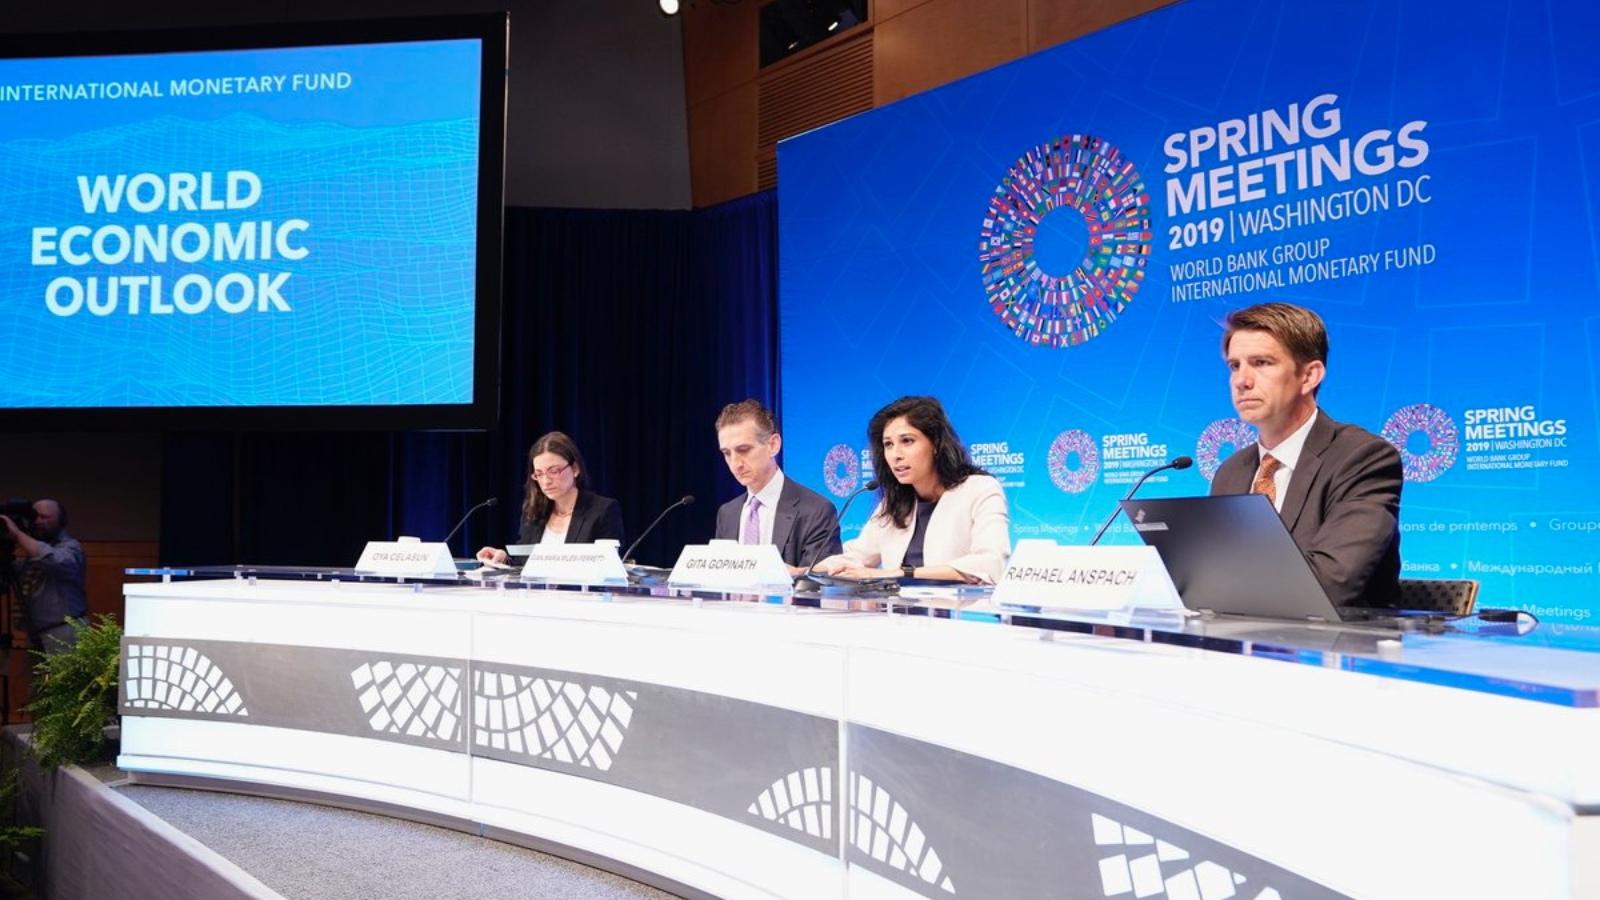 Las fuertes declaraciones del FMI sobre la economía venezolana